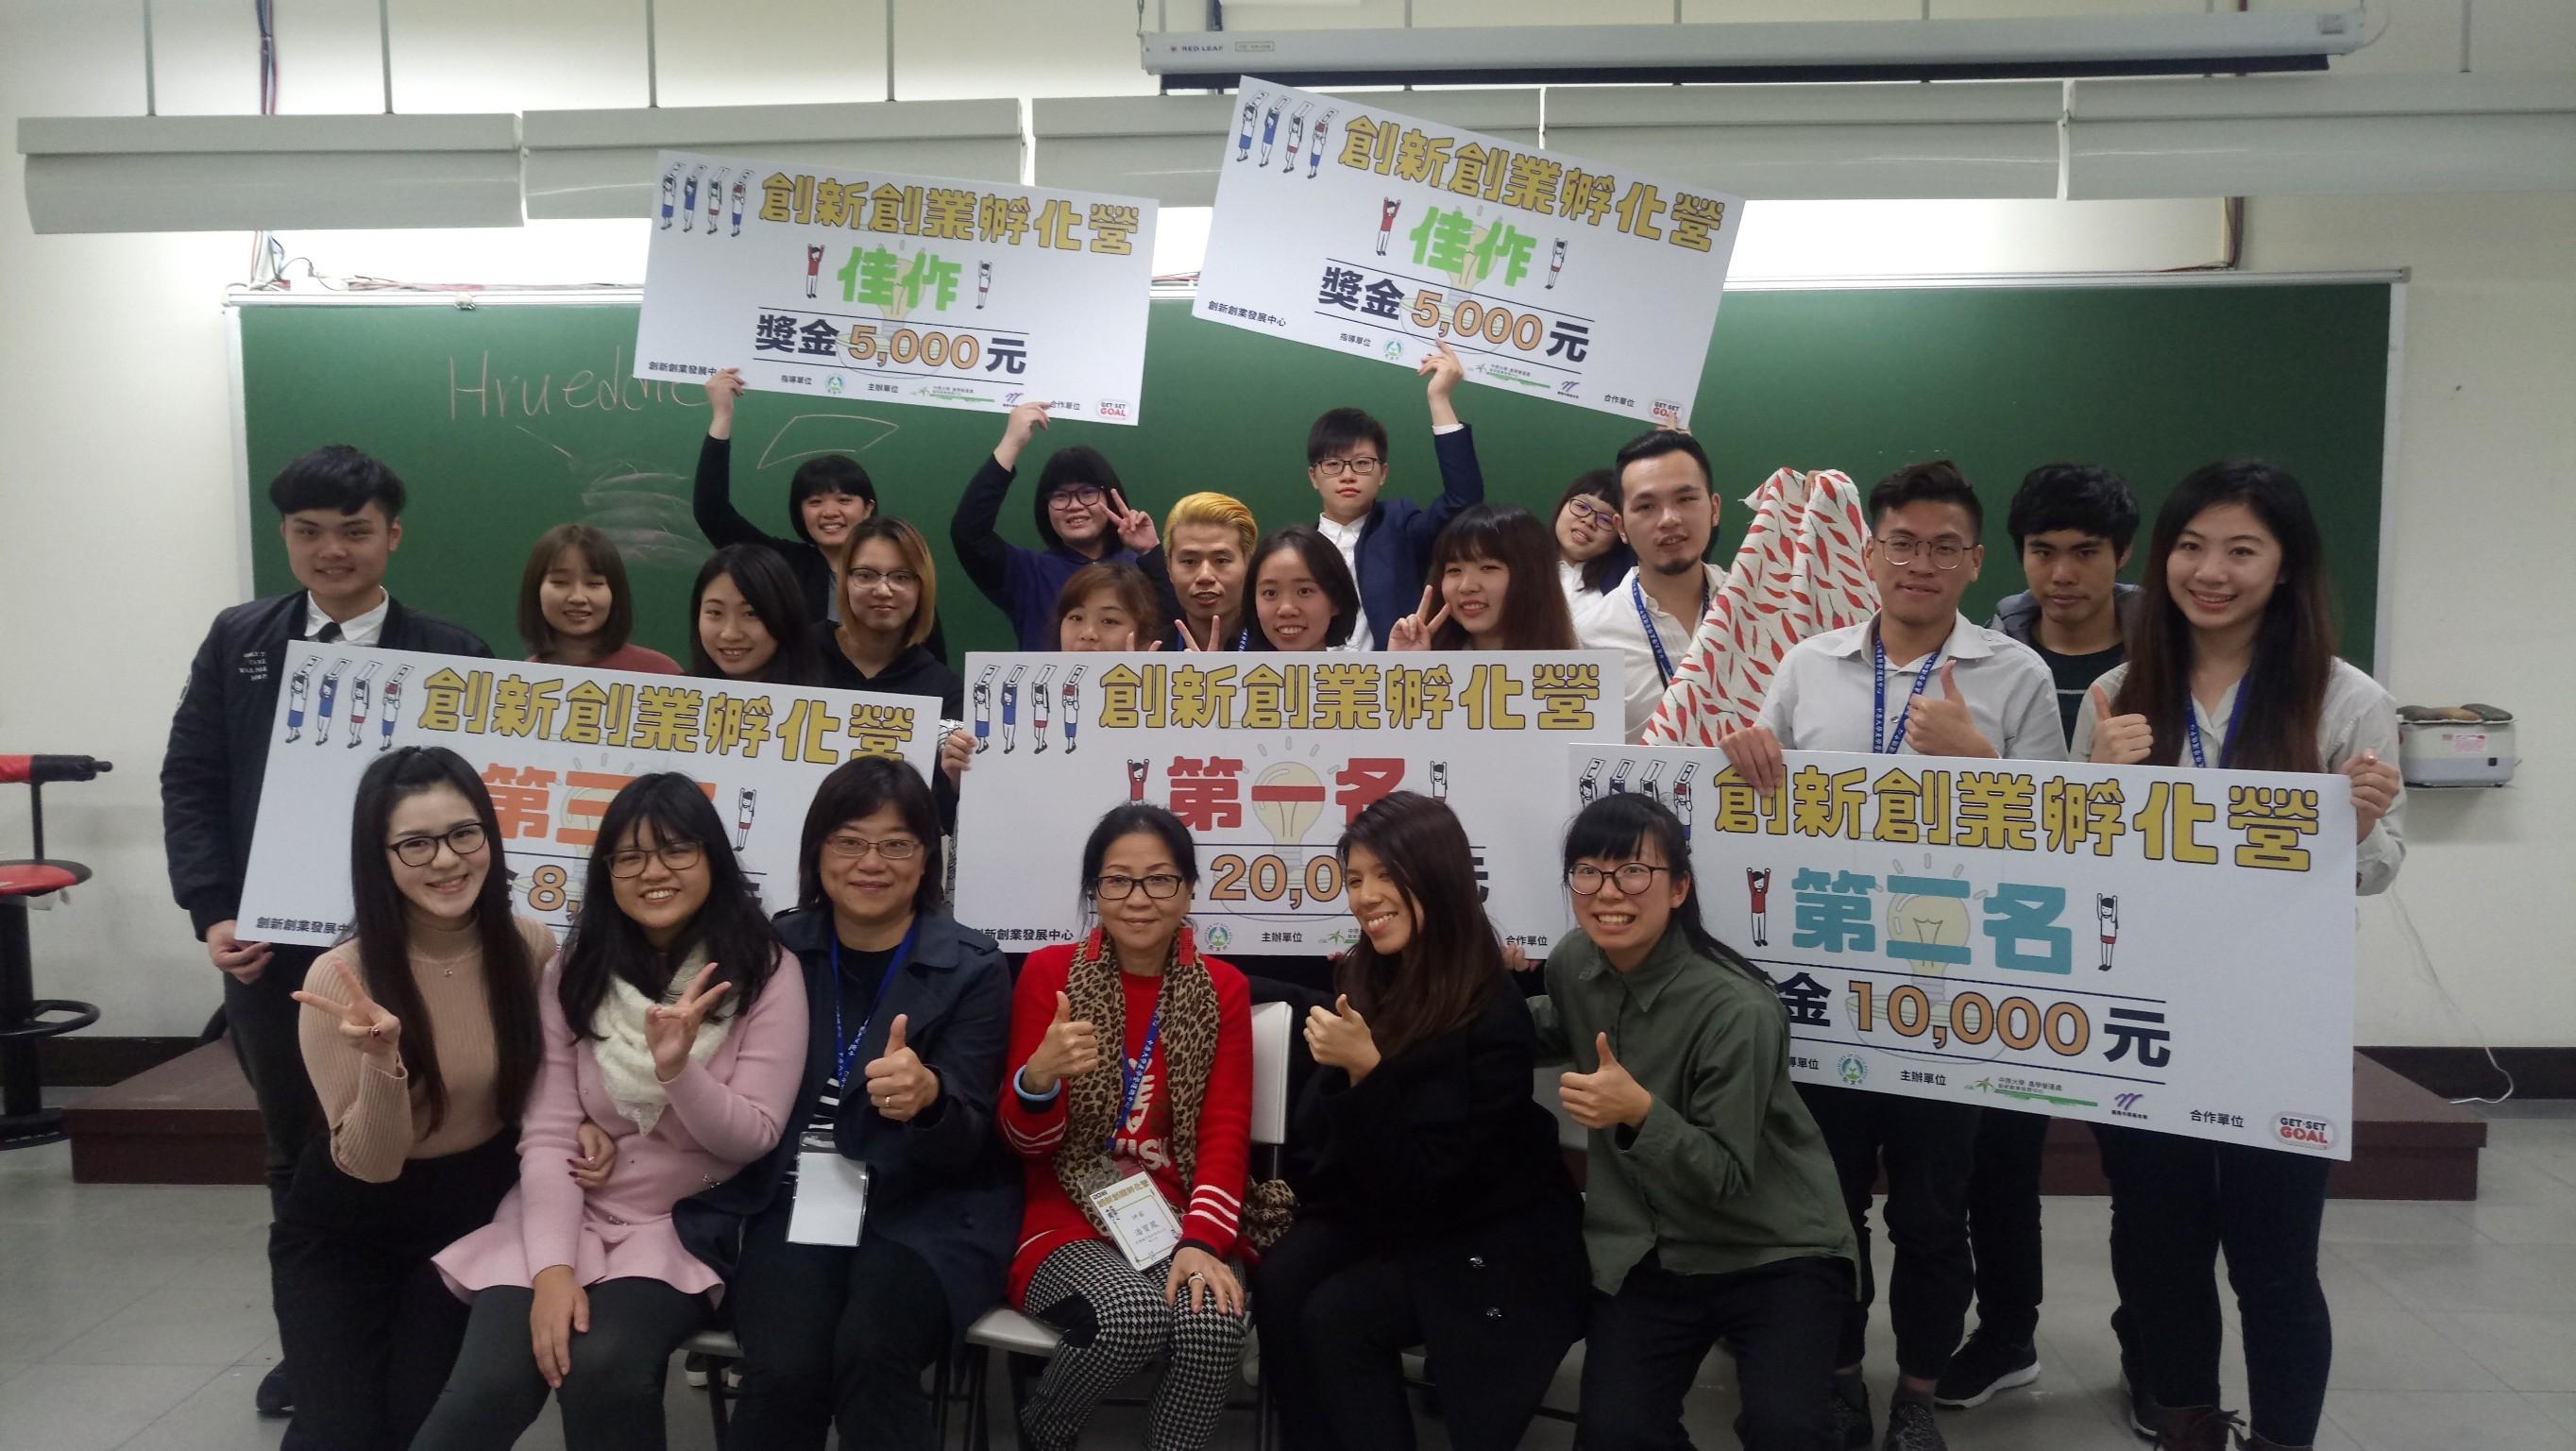 【中國時報】創業 Idea 結合環保議題 中原大學實踐社會責任